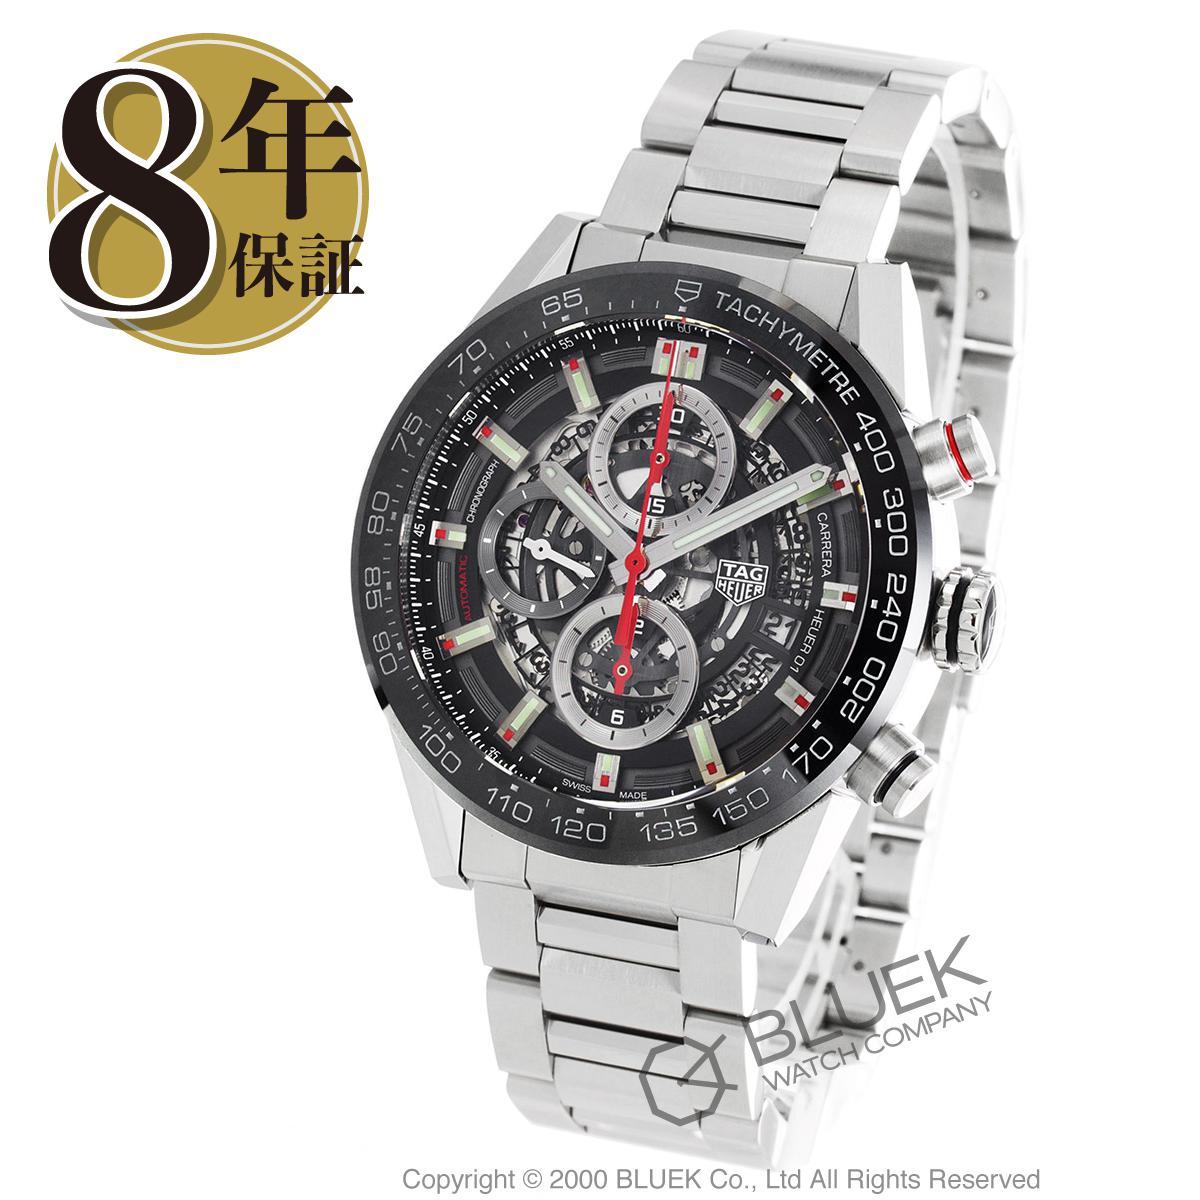 タグホイヤー カレラ ホイヤー01 クロノグラフ 腕時計 メンズ TAG Heuer CAR201V.BA0714_8